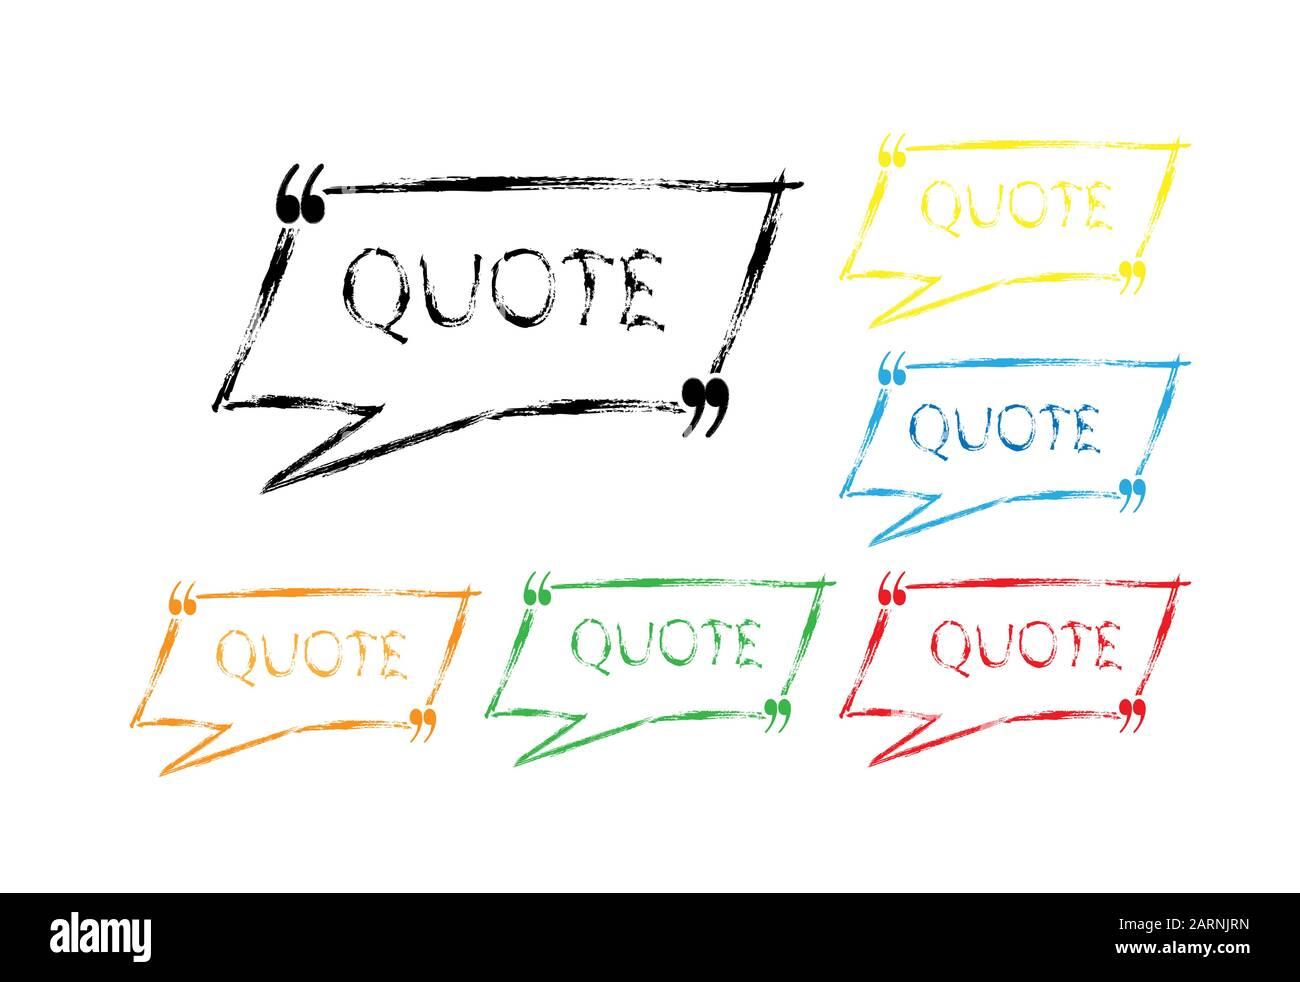 Juego editable de pincel coloreado: Marcos dibujados para comillas o texto para chats, diálogos y mensajes. Aislado sobre fondo blanco. Diseño sencillo. Ilustración del Vector